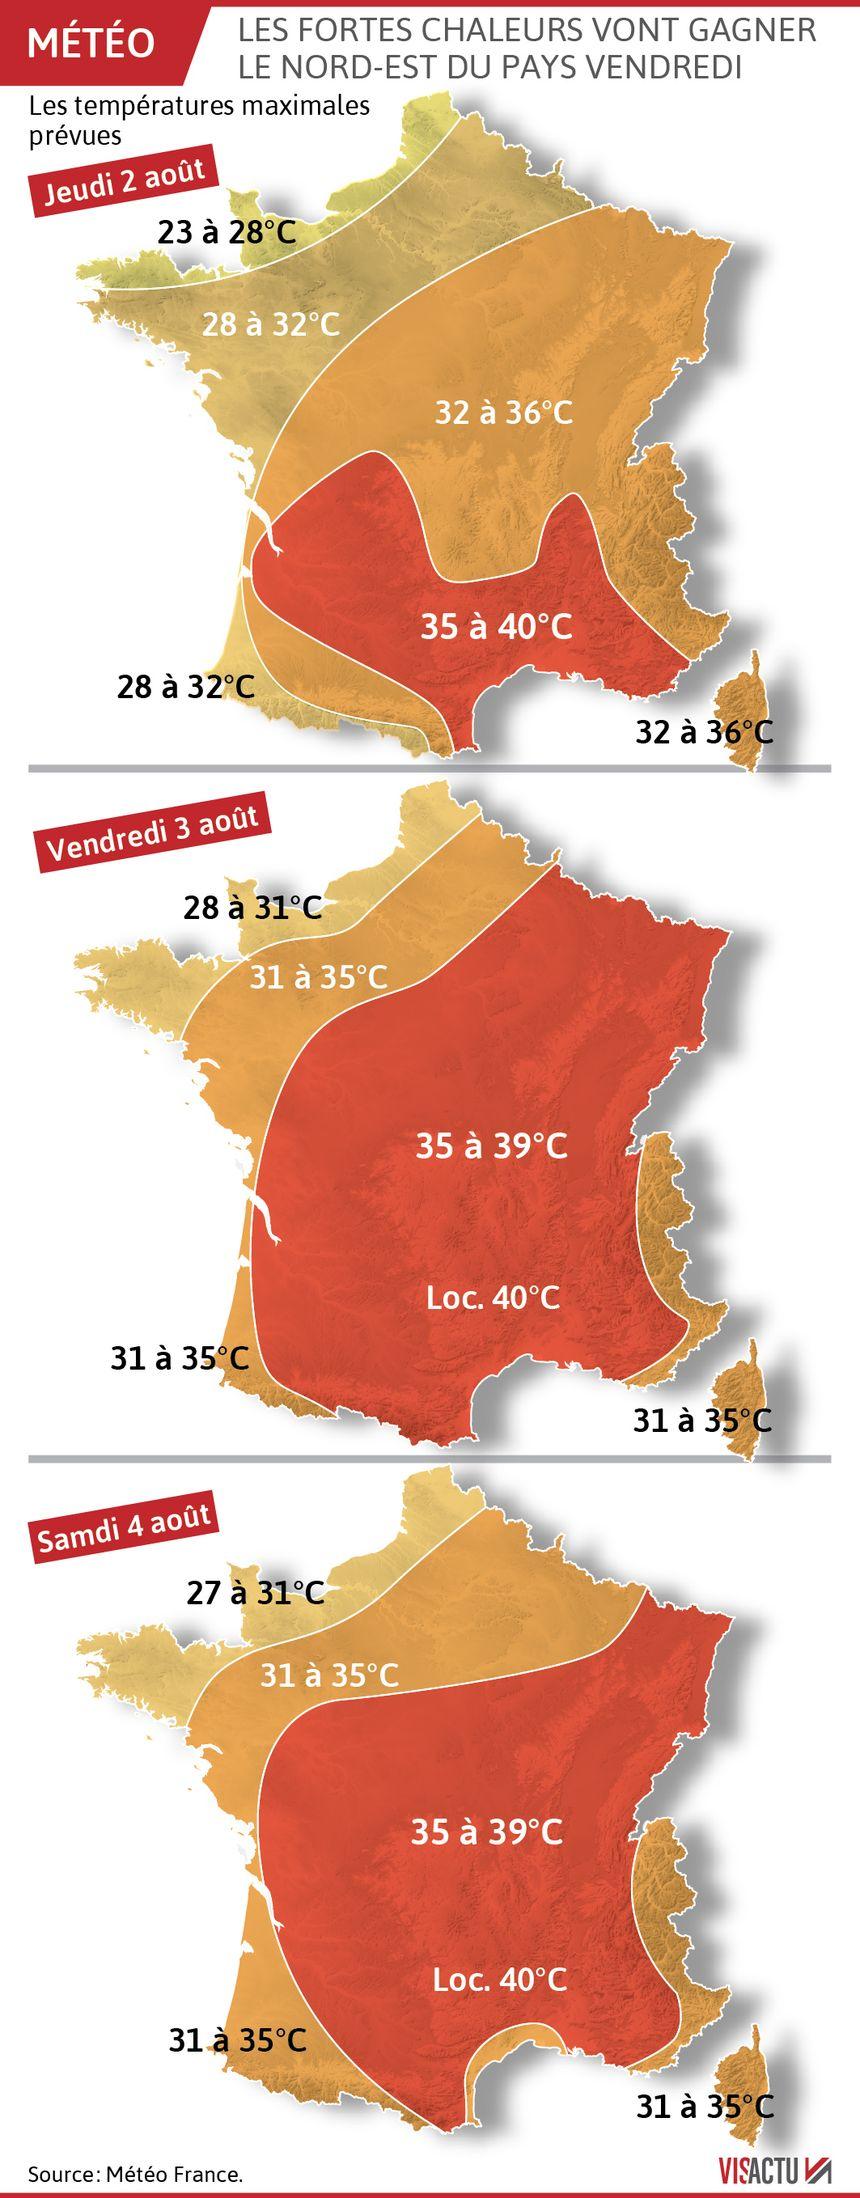 La chaleur s'installe sur toute la France.